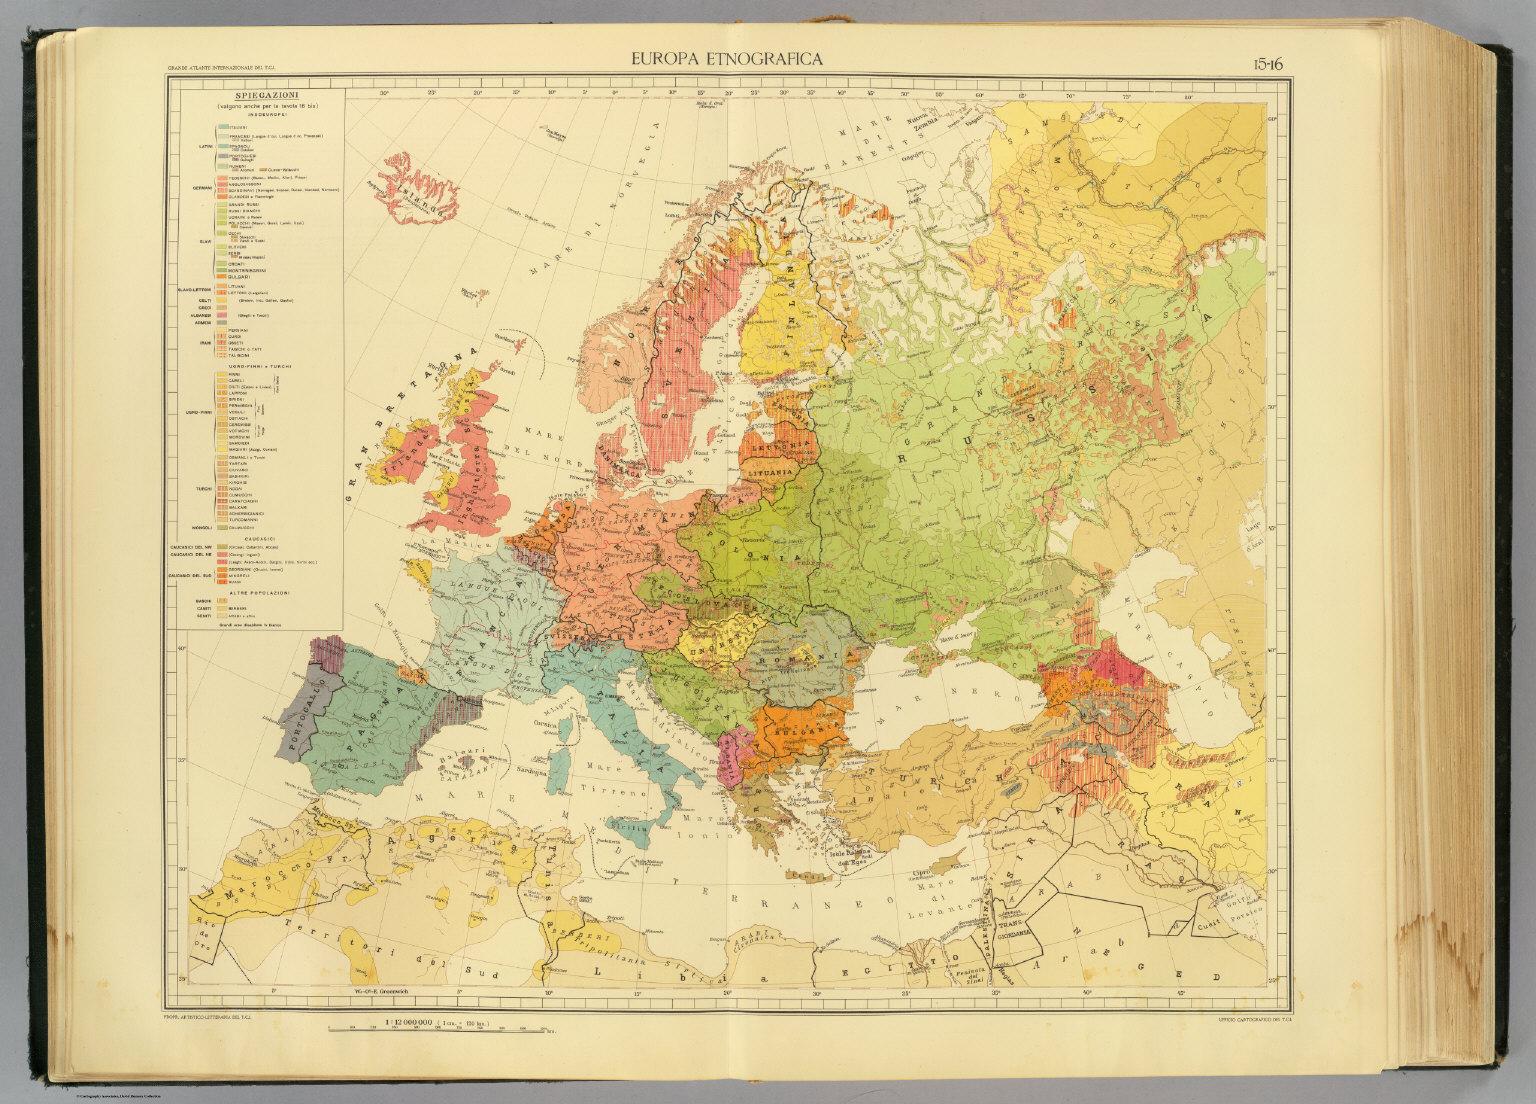 15-16. Europa etnografica.